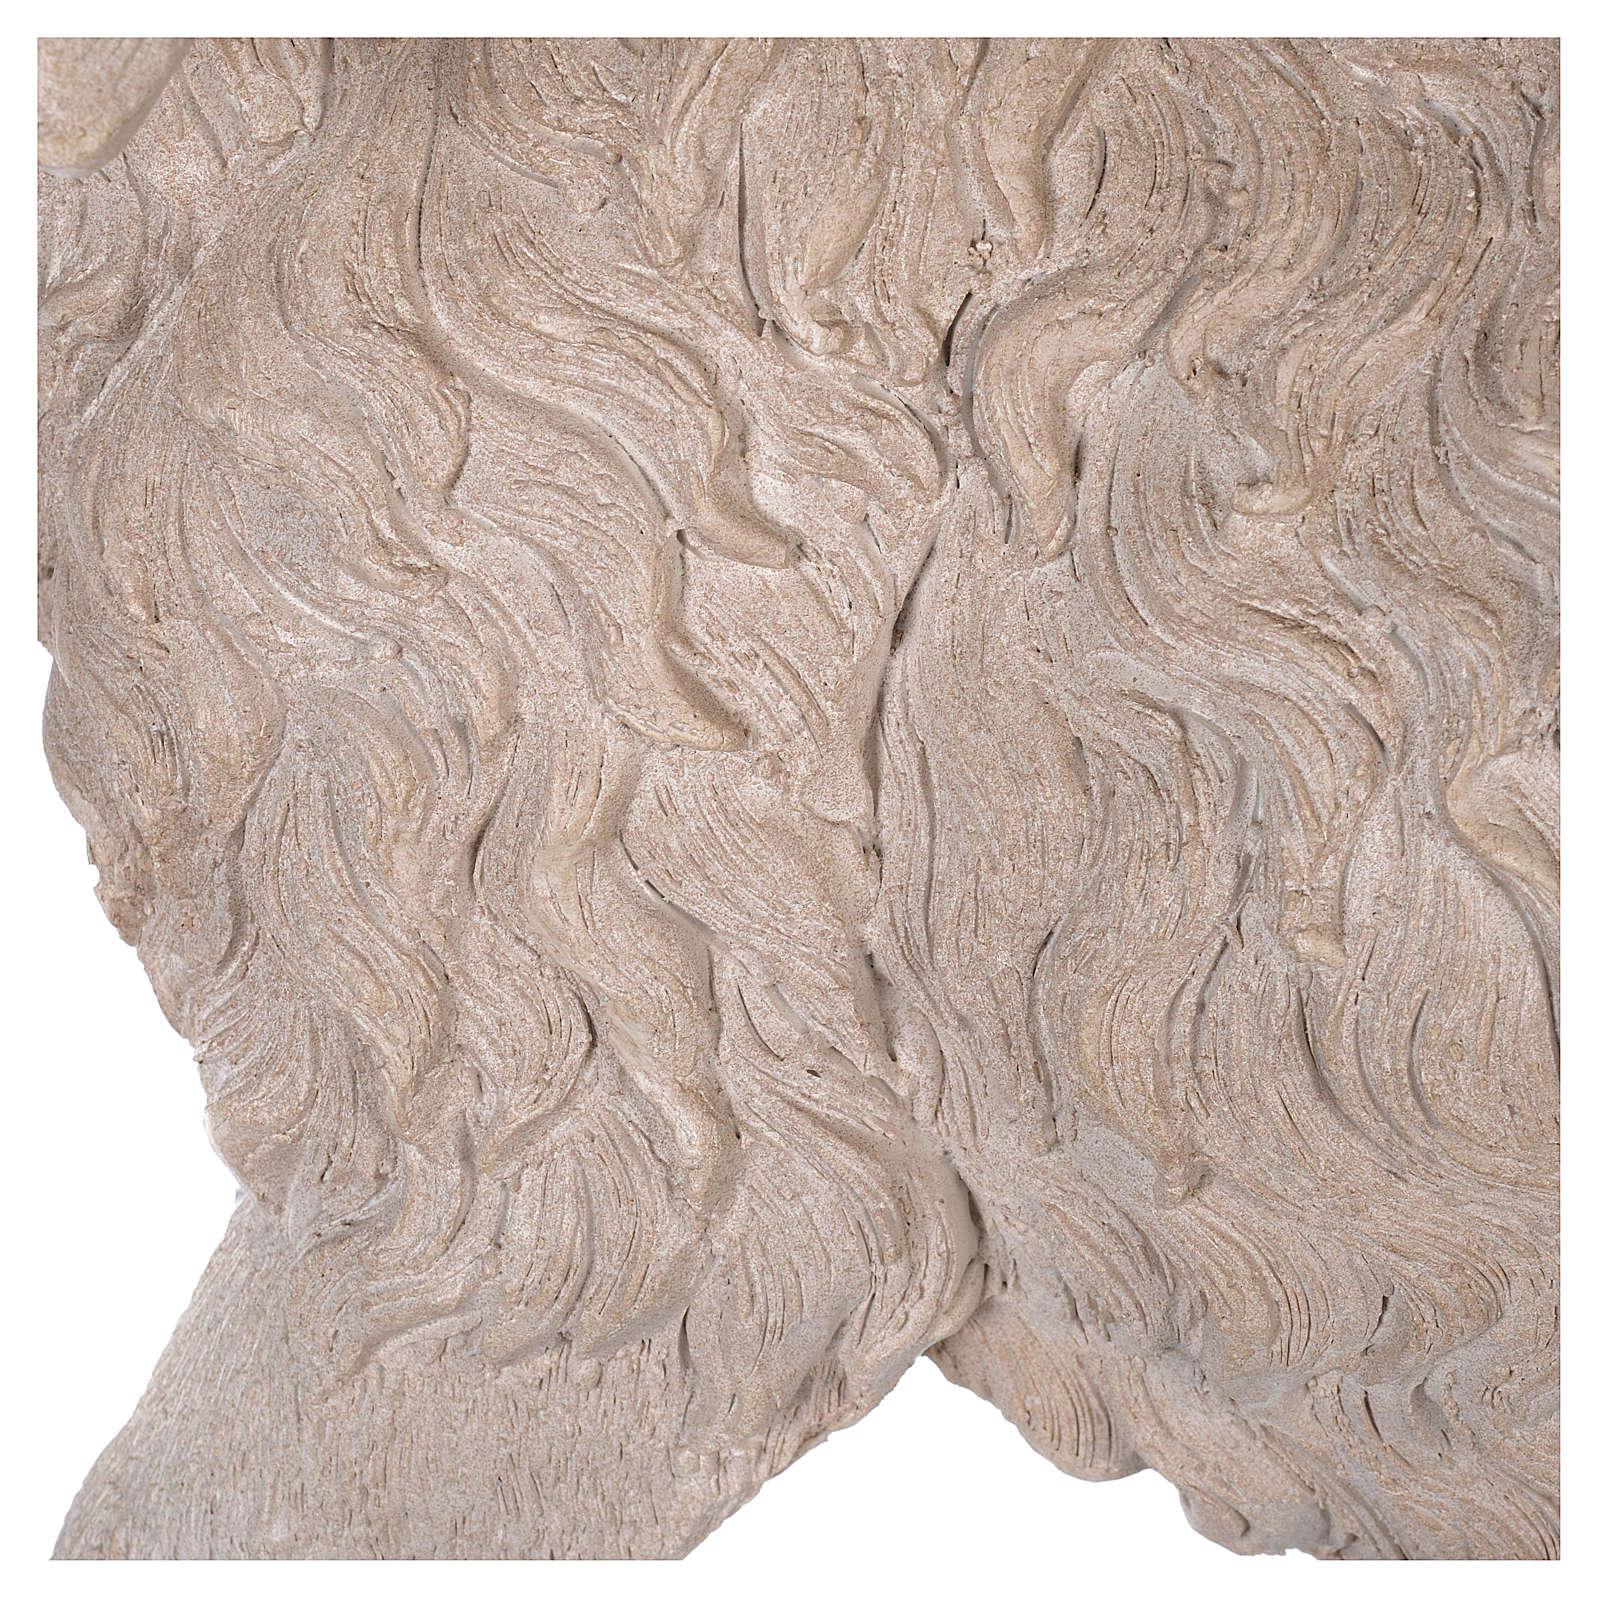 Pecora resina presepe 100-150 cm 3